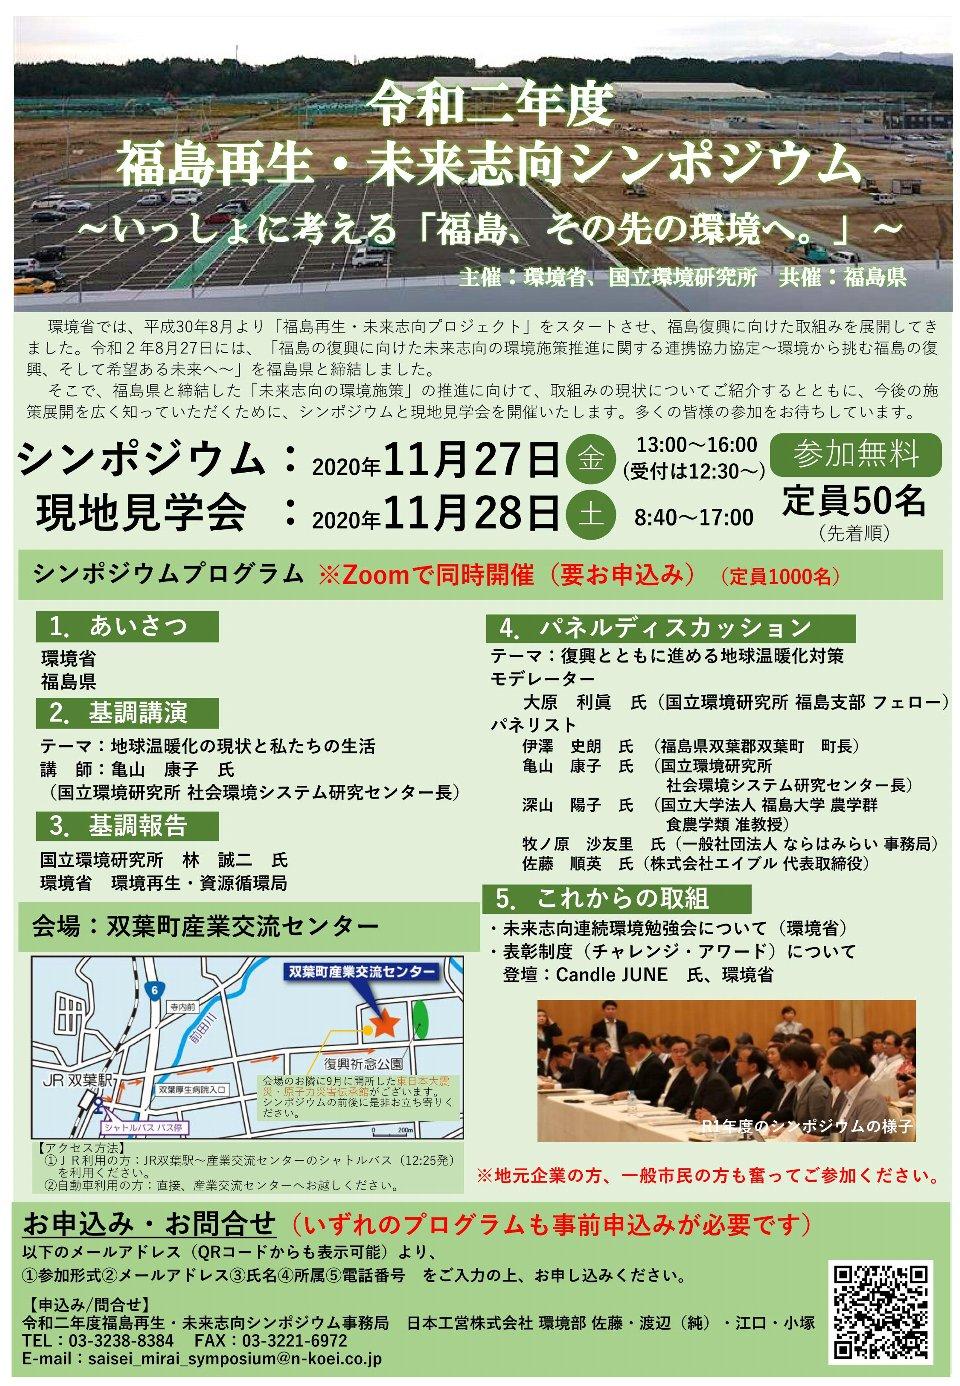 令和二年度 福島再生・未来志向シンポジウム ~いっしょに考える「福島、その先の環境へ。」~